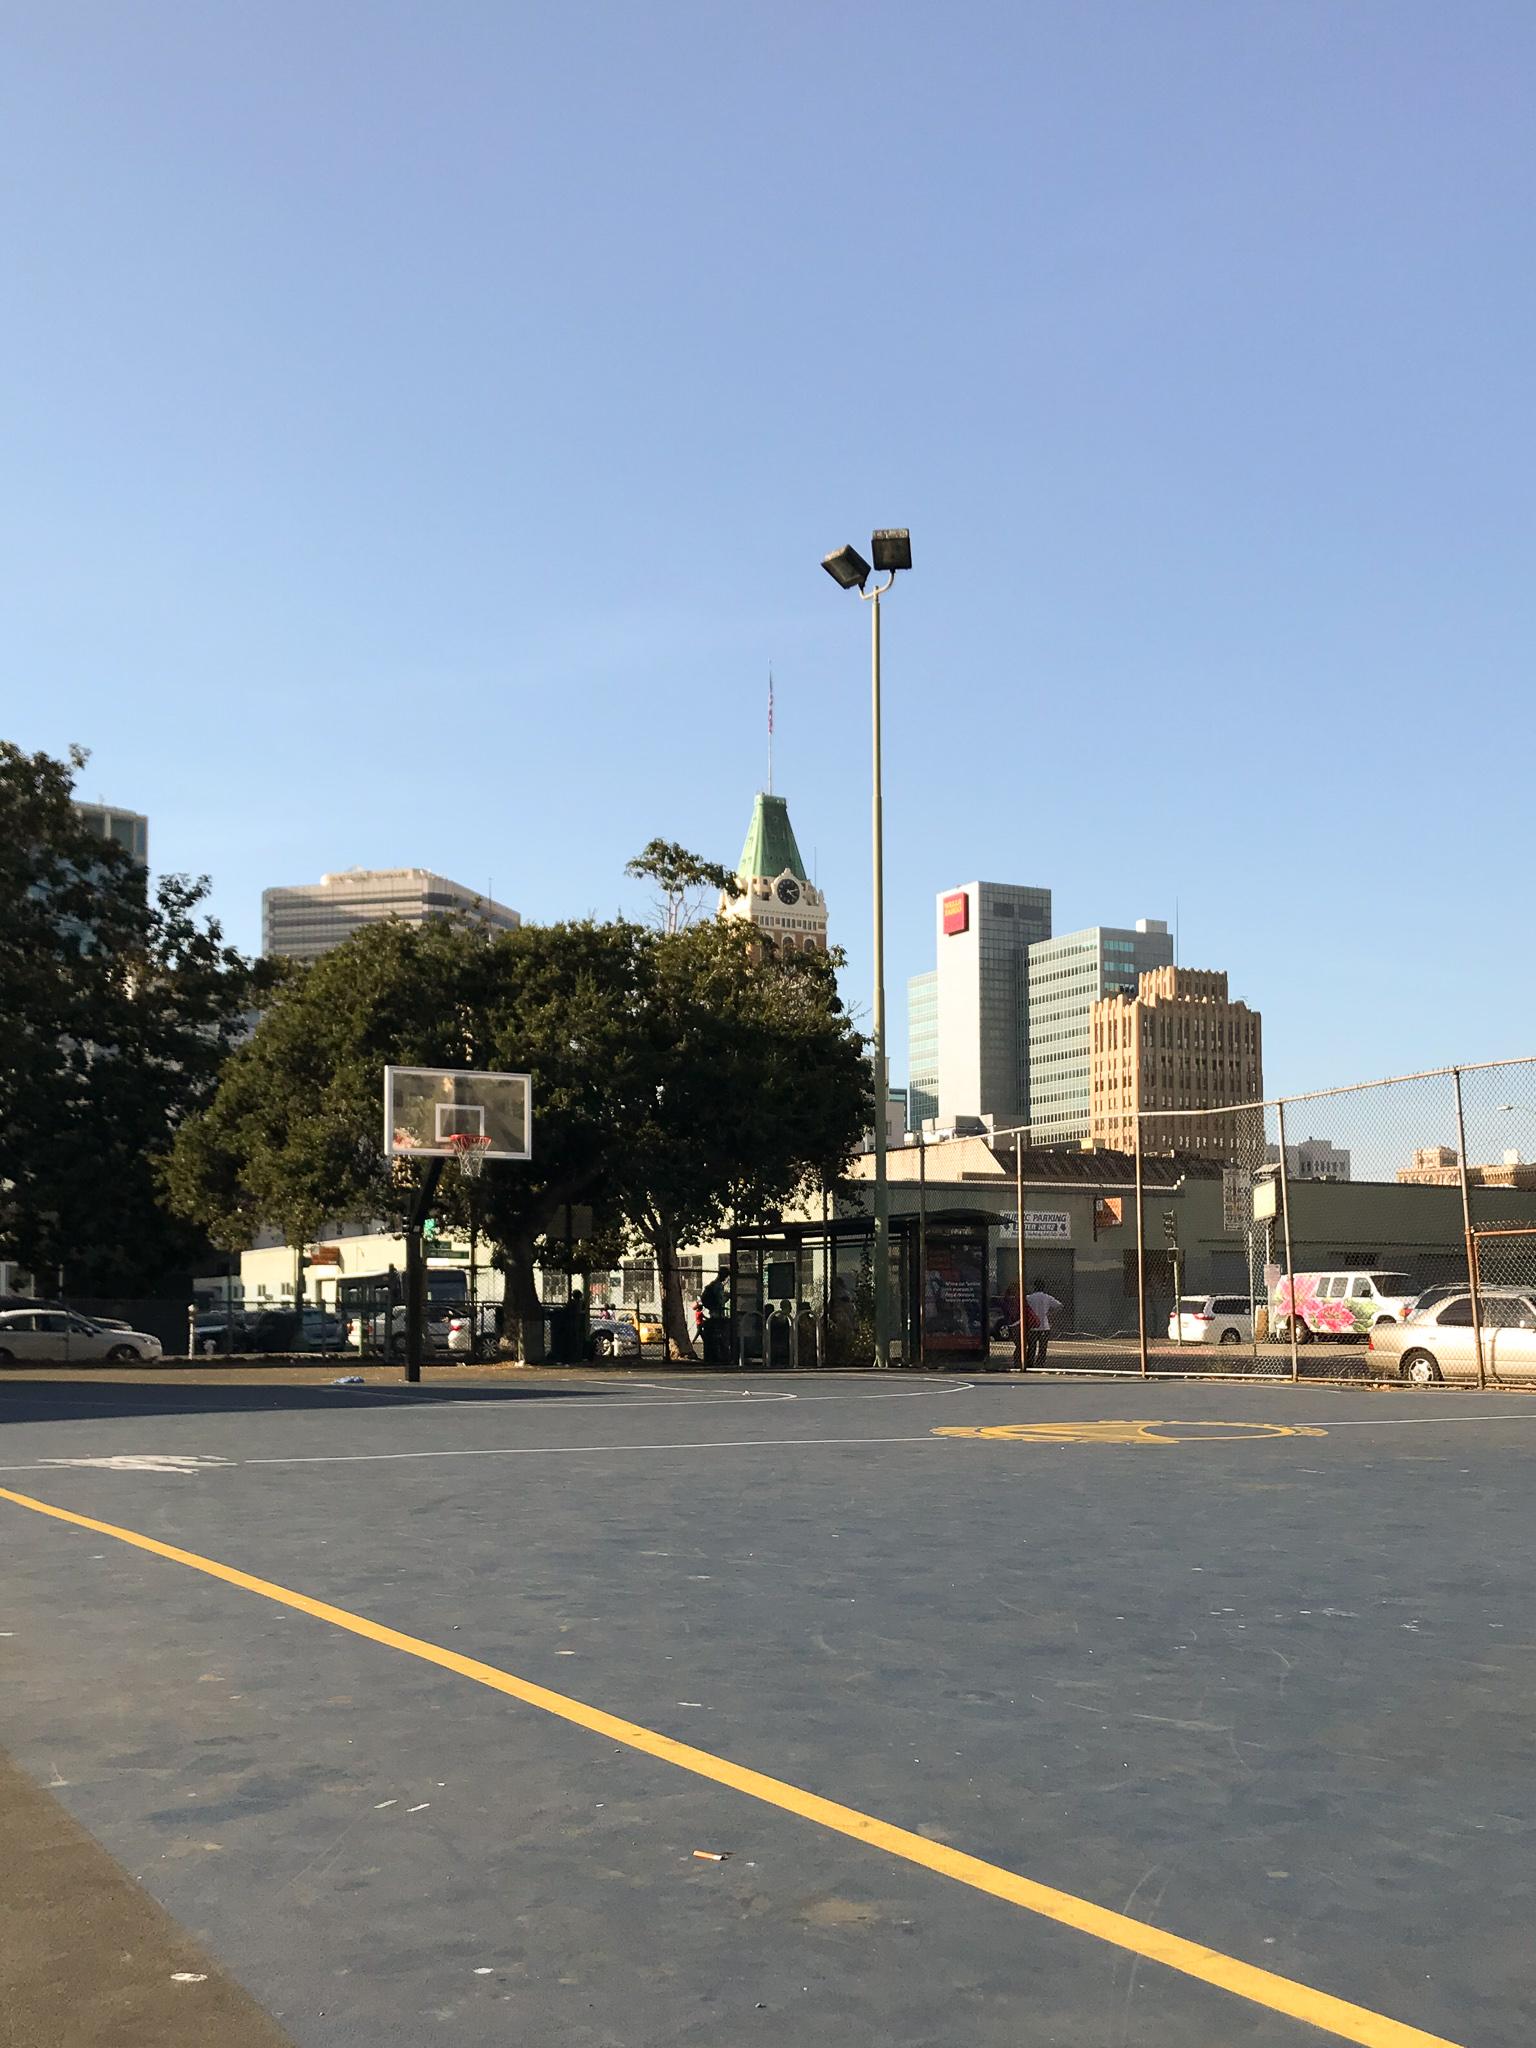 Lincoln Square Park in Oakland California